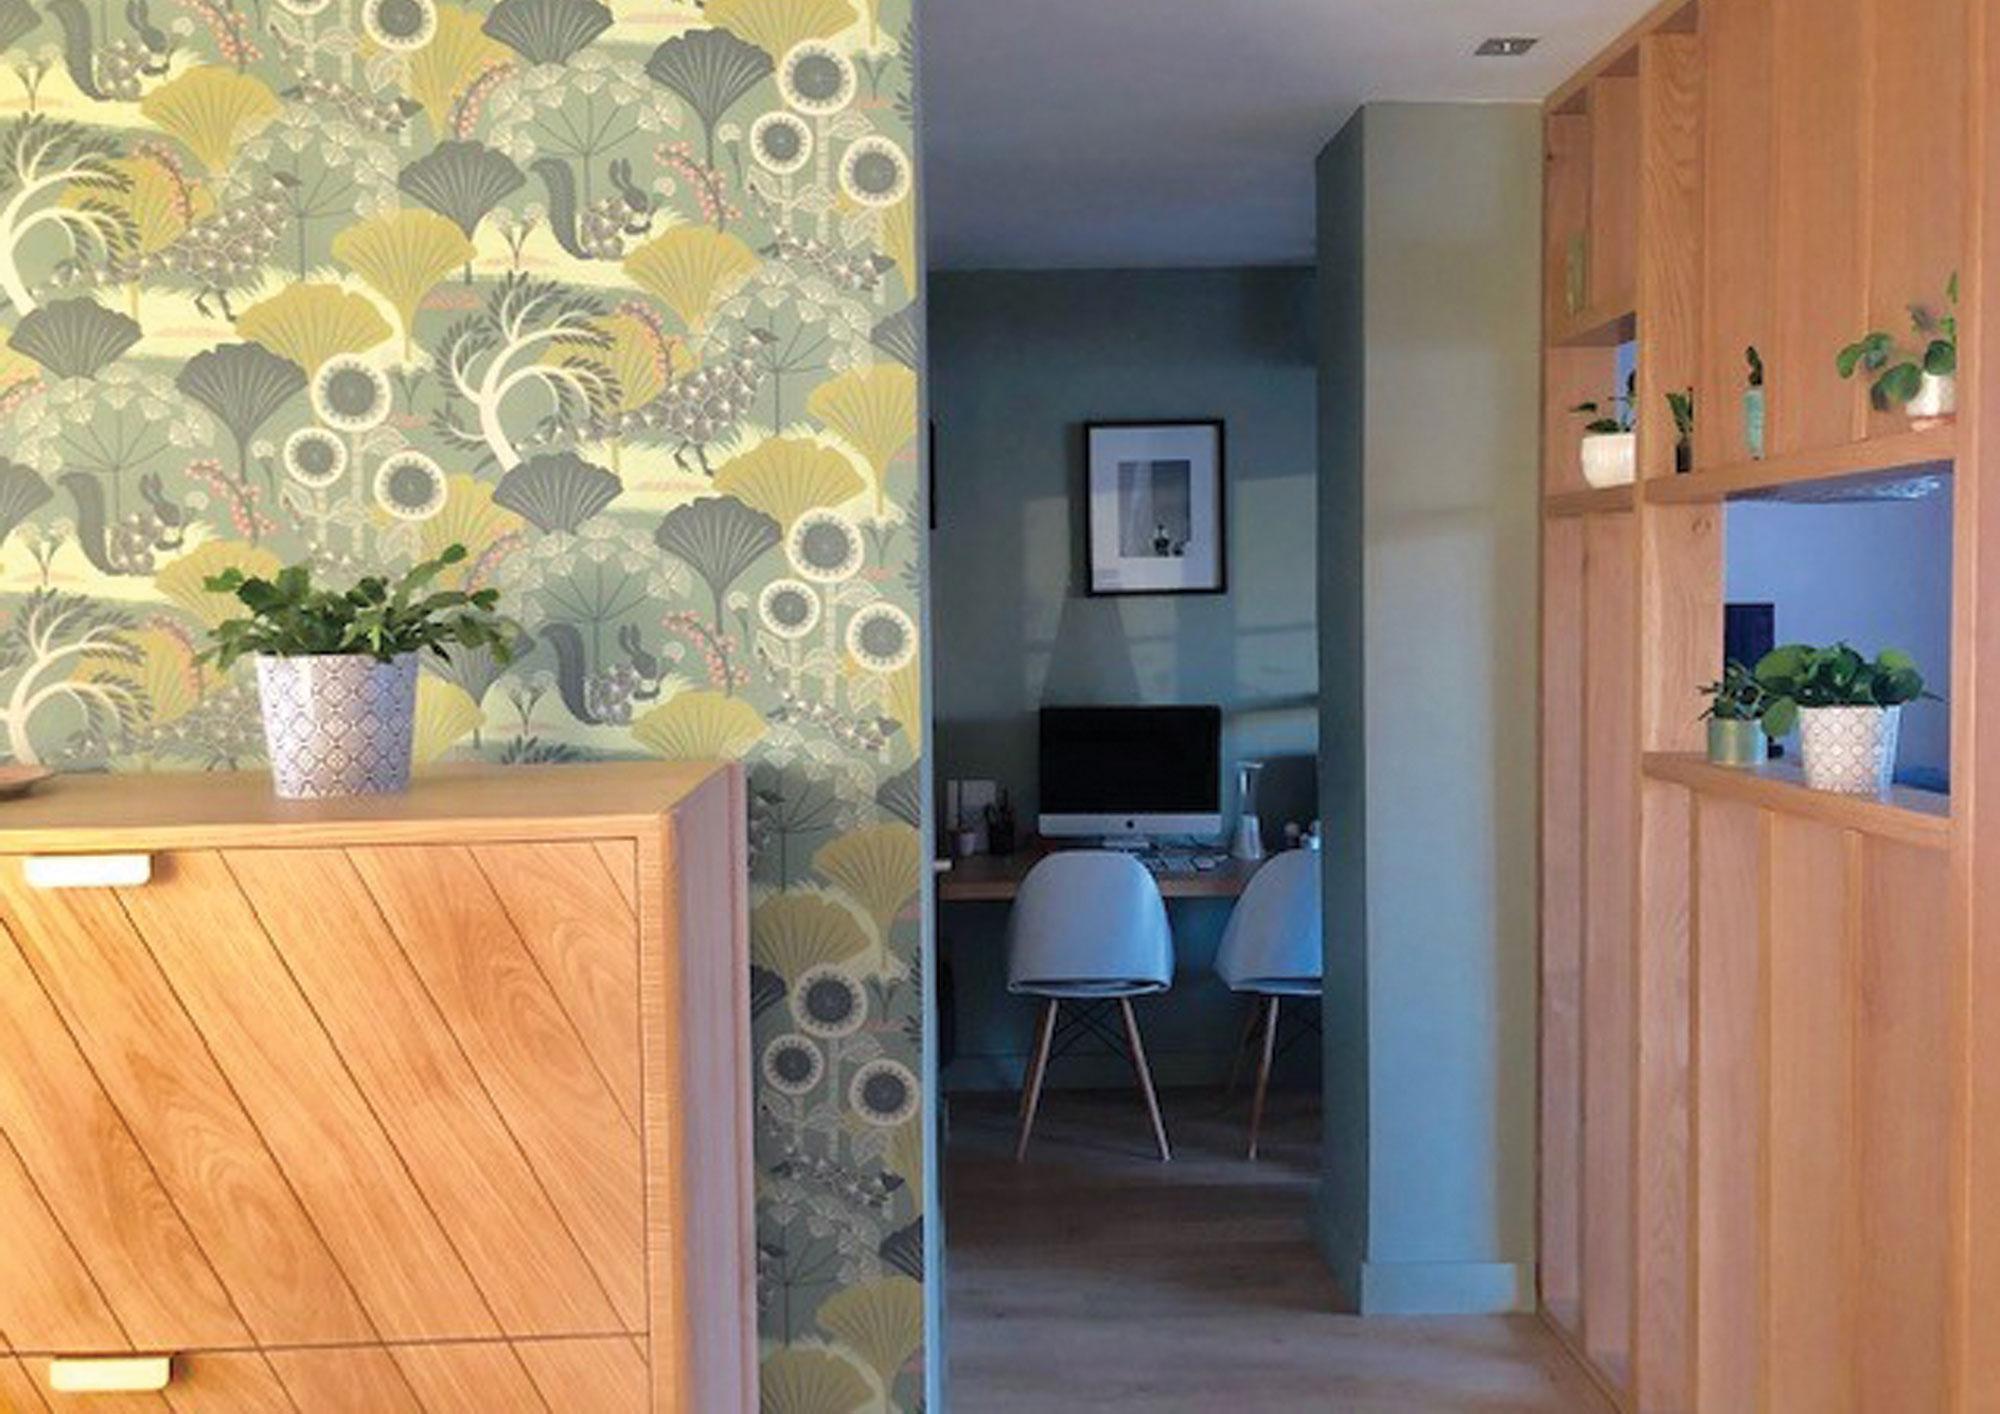 pack-deco-choix-papier-peint-appartement-lyon-6eme-rhone